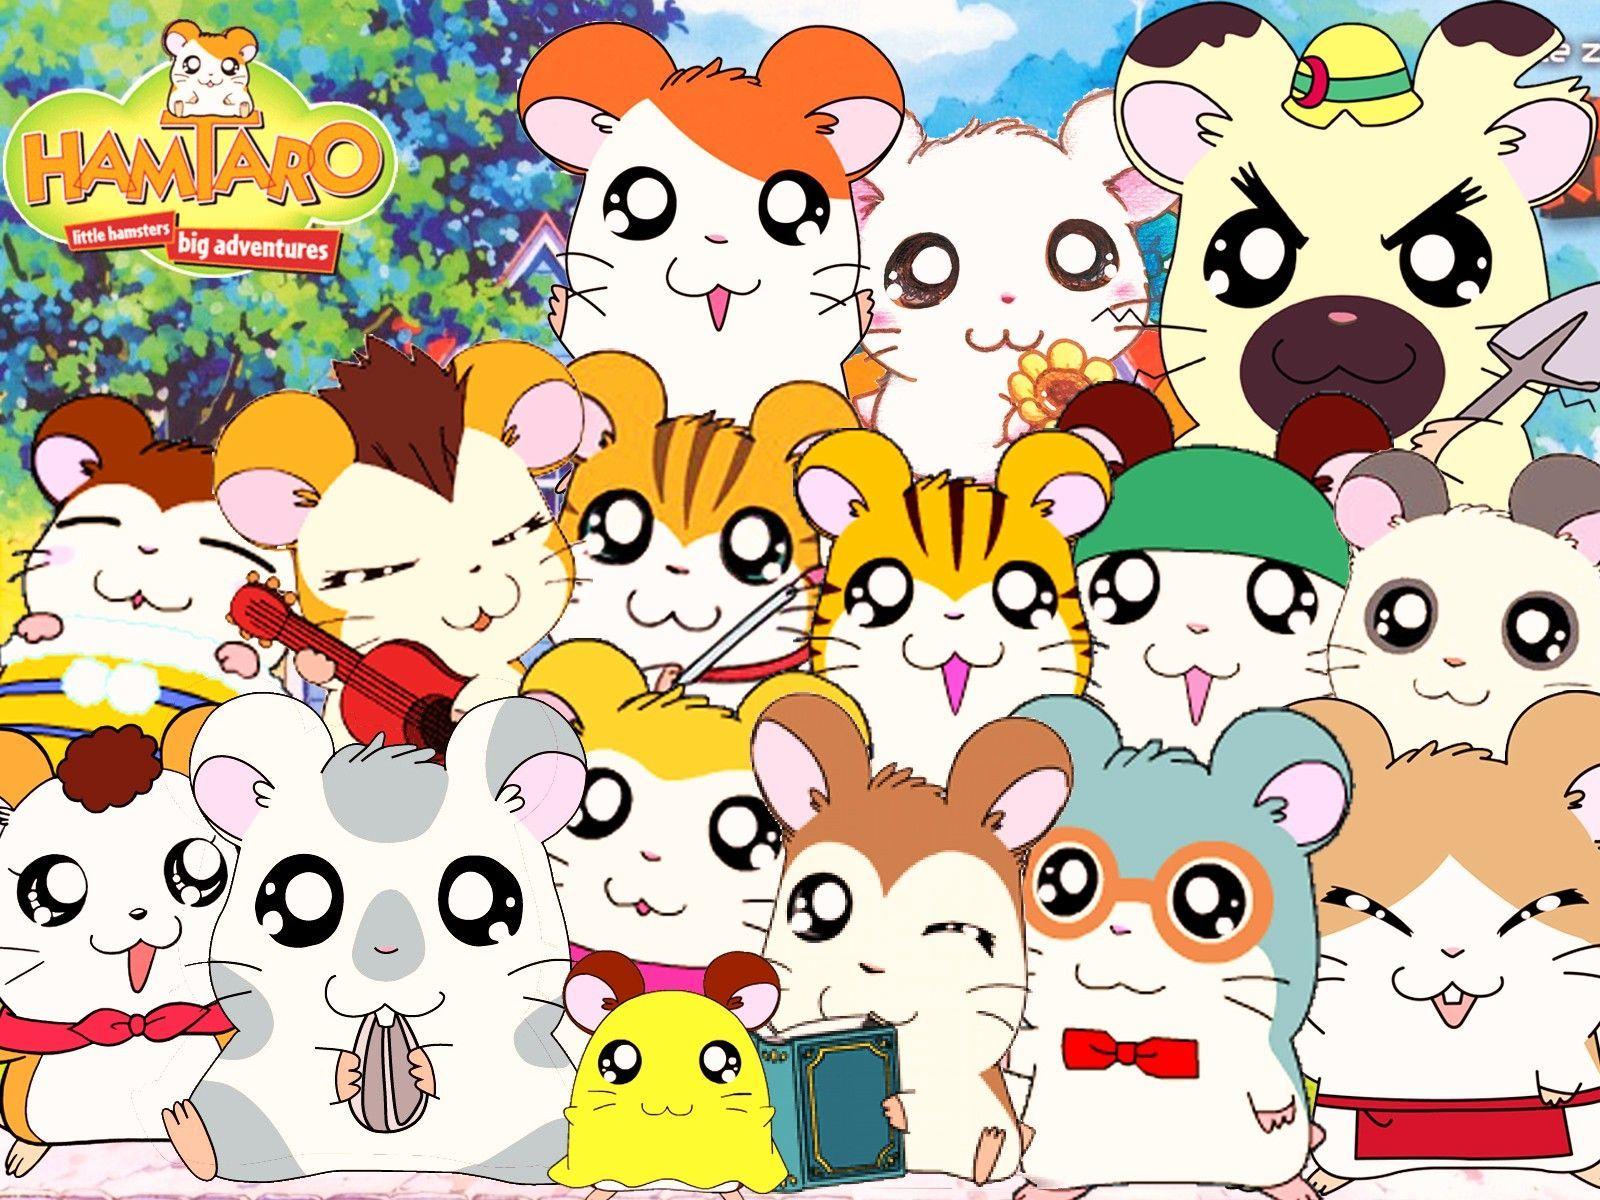 7244 - ¿Sabrías identificar a los personajes de Hamtaro?